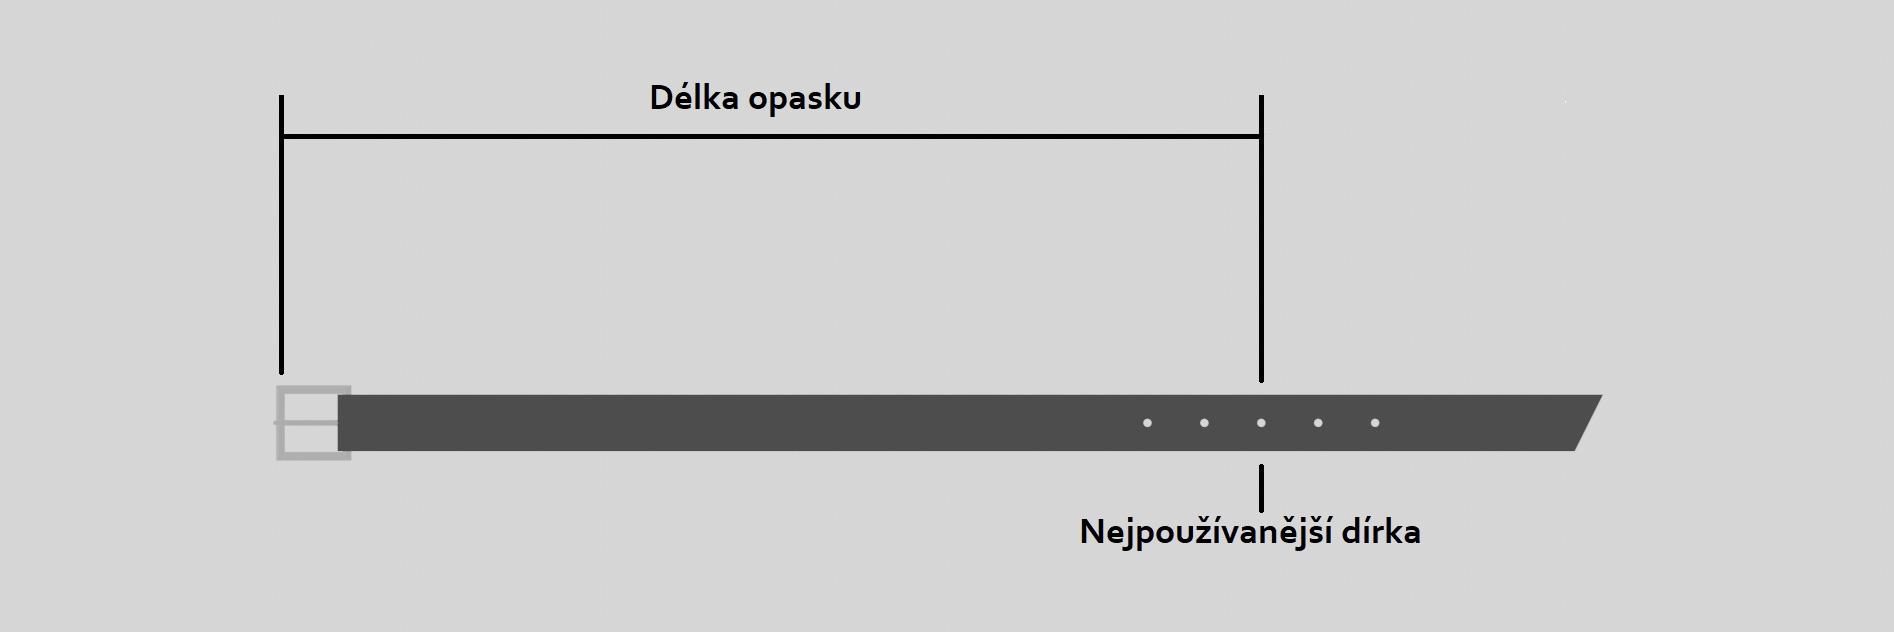 E424FD26-593D-4FC1-9DC2-D0EAF92161C1_1_201_a_1